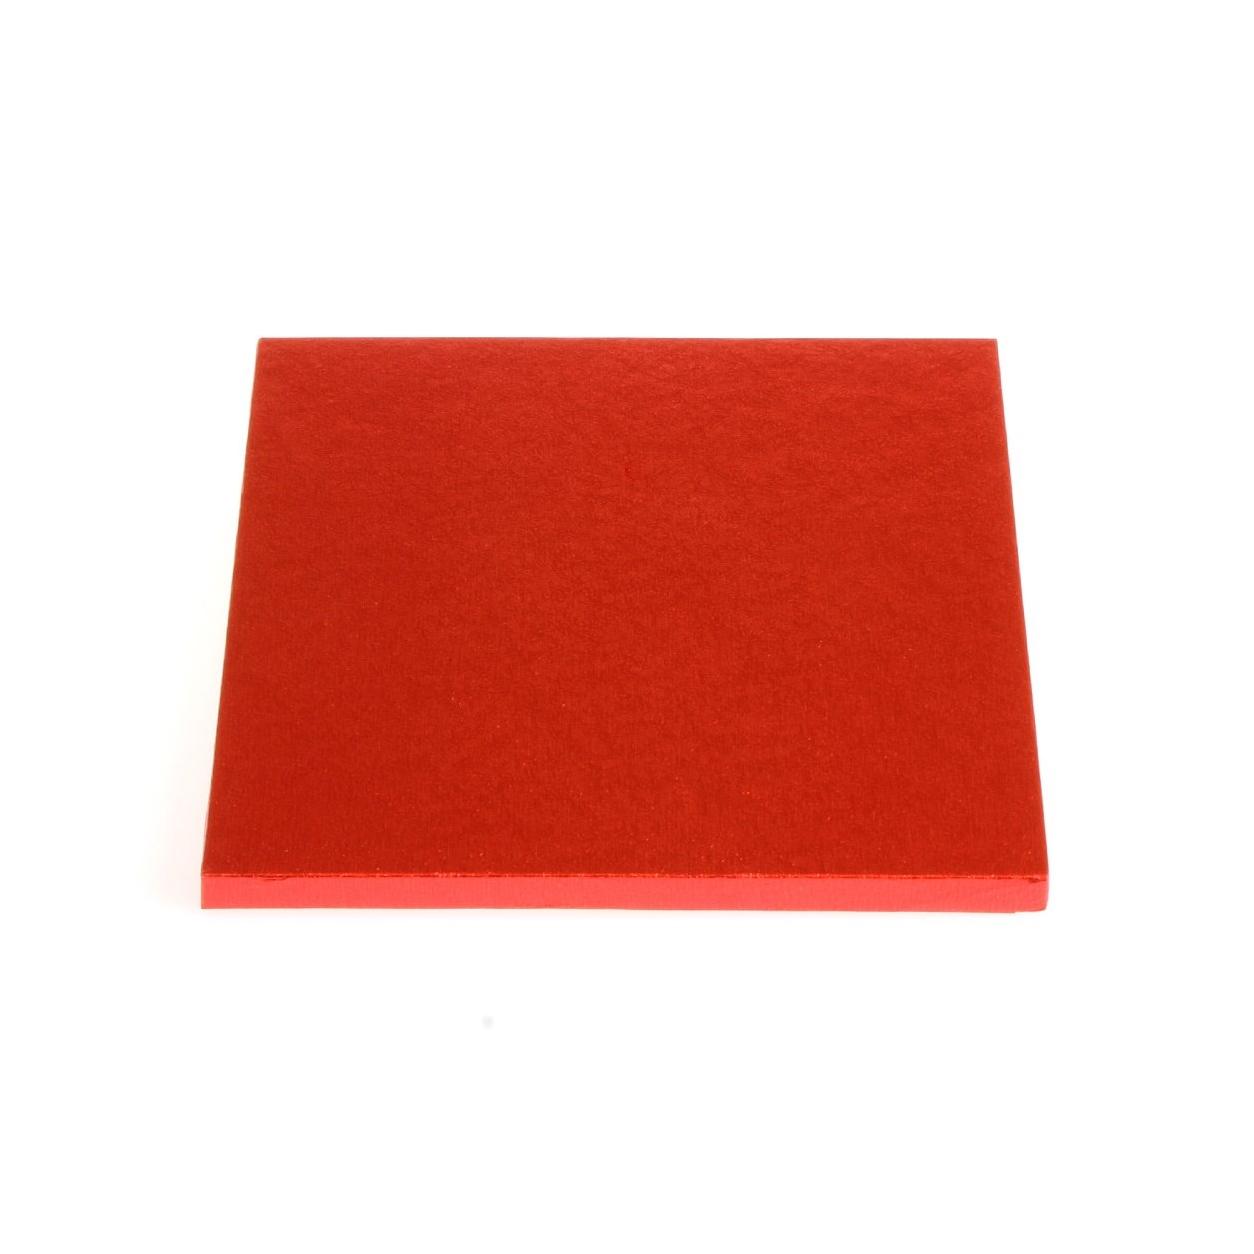 Cake drum cuadrado rojo metalizado 35cm